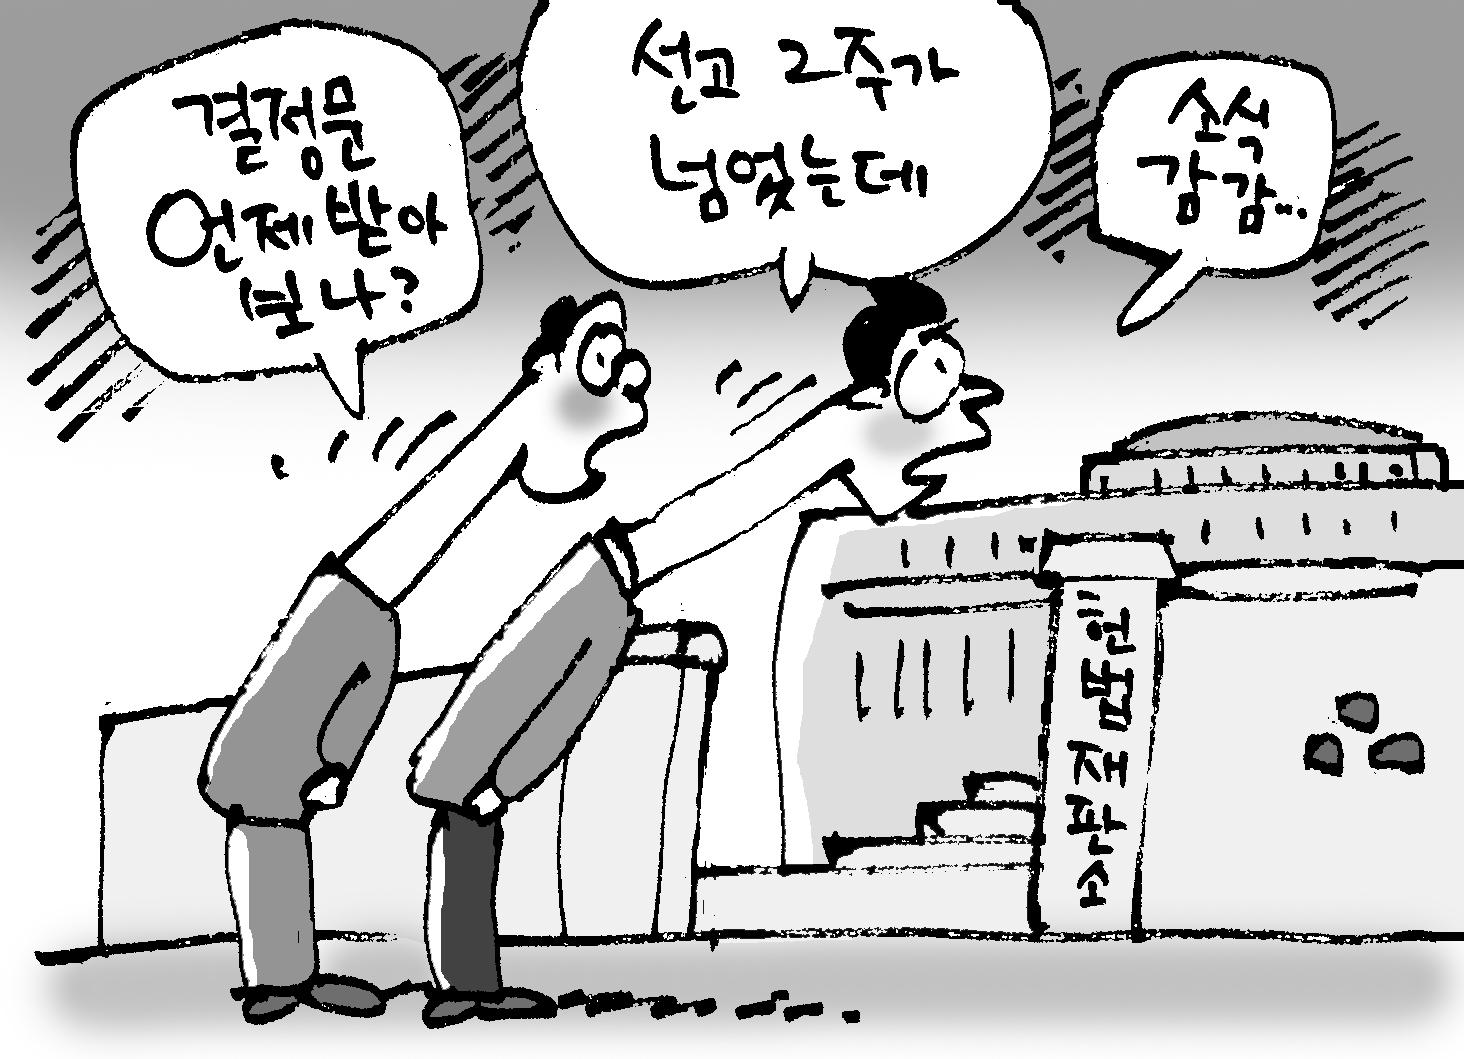 헌재 결정문 늑장 송달에 변호사들 '불만'